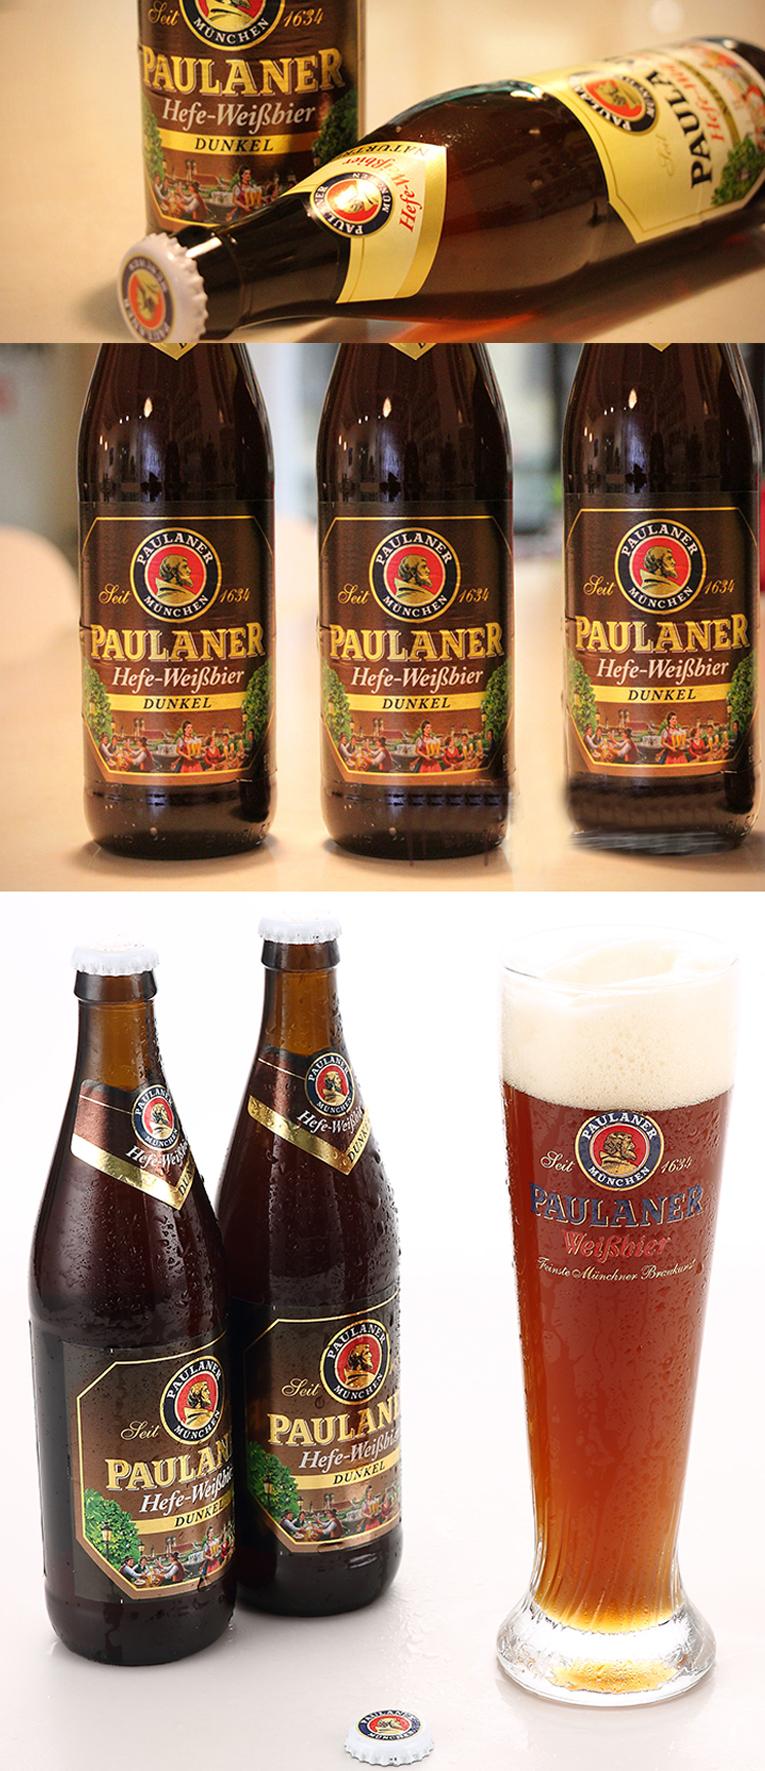 4、德国啤酒十大品牌:必喝进口啤酒排名?什么牌子的德国啤酒好吃?